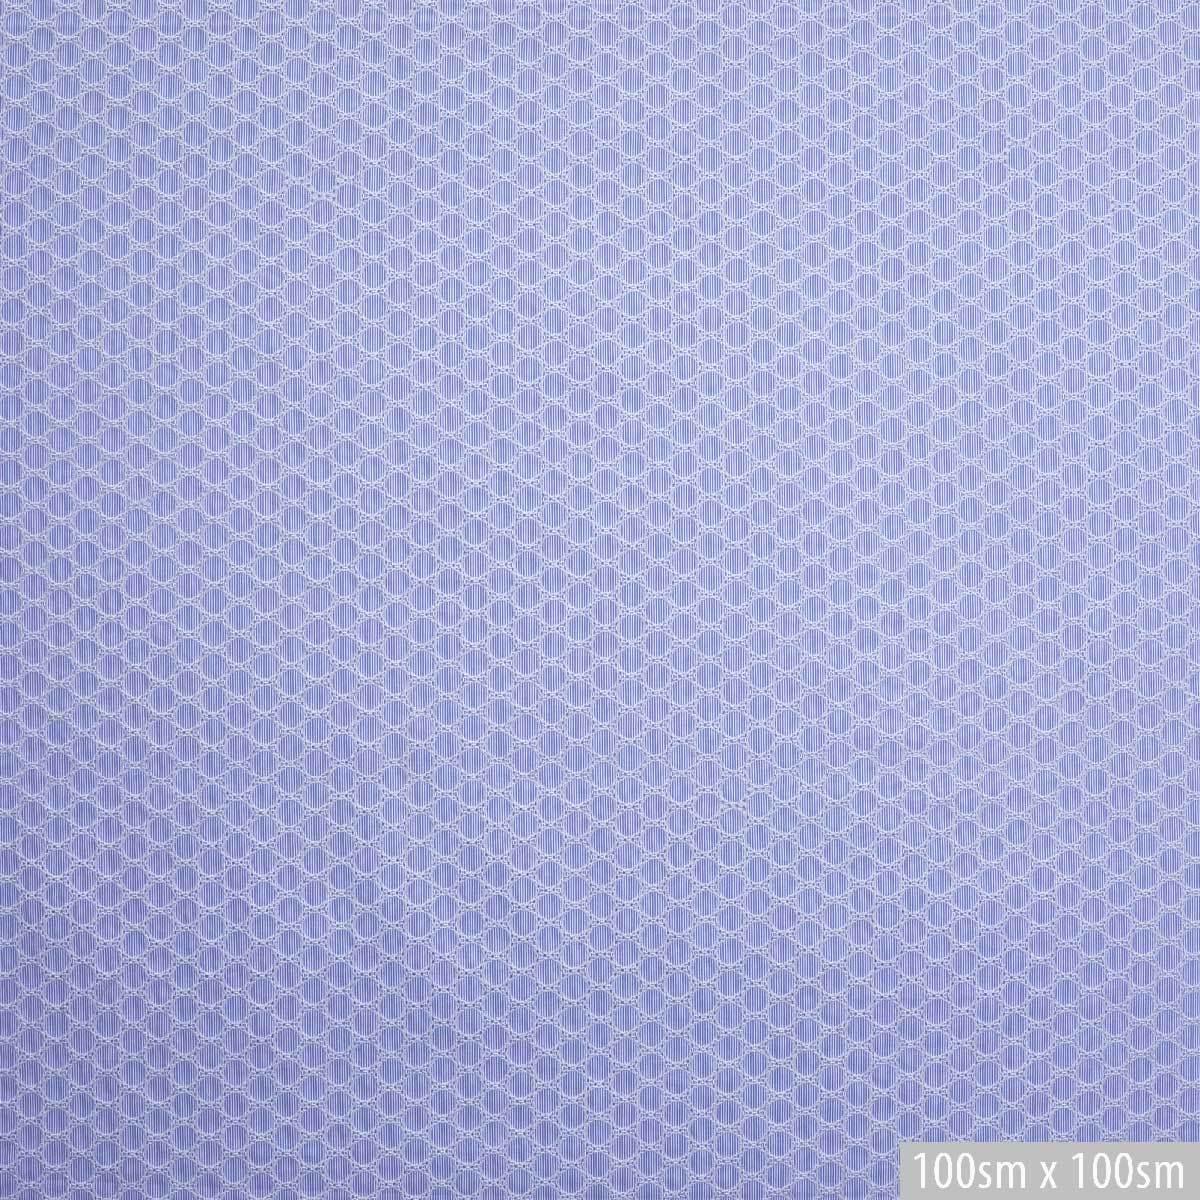 Вышитый хлопок в тонкую бело-голубую полоску